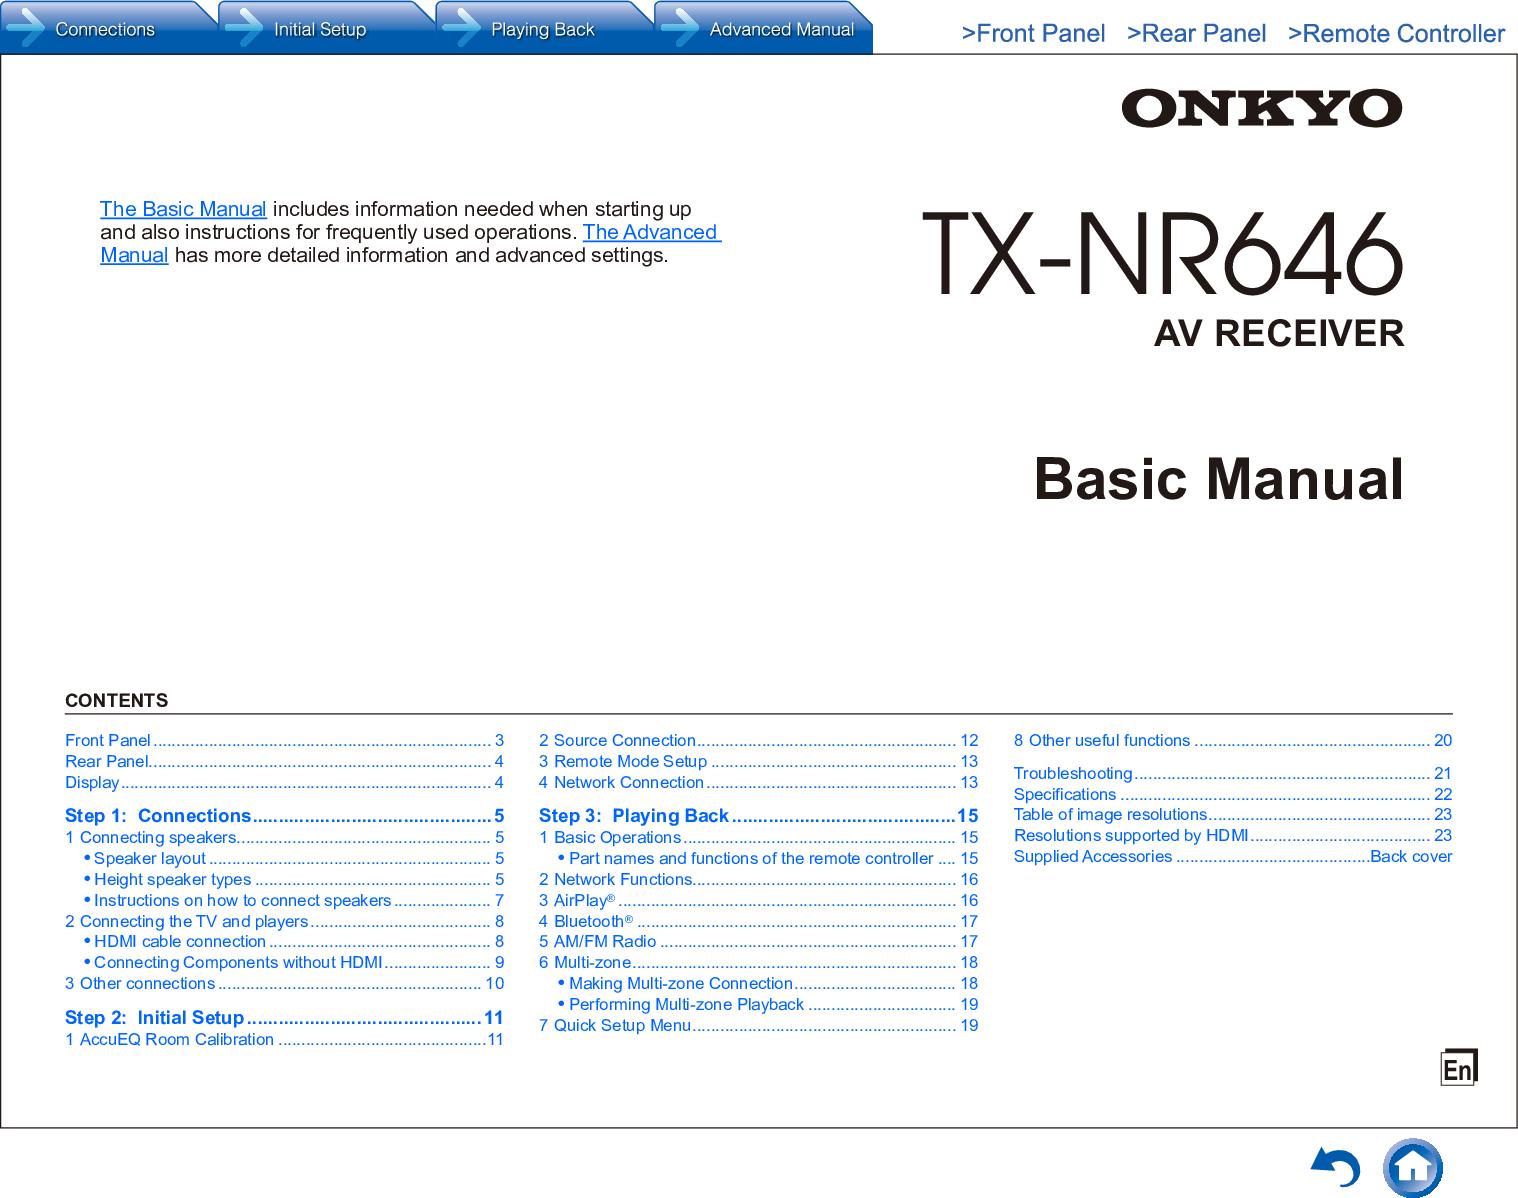 Onkyo TX NR646 User Manual To The 2e4cd45c 1a9f 4b2e a023 6e0d45e58947